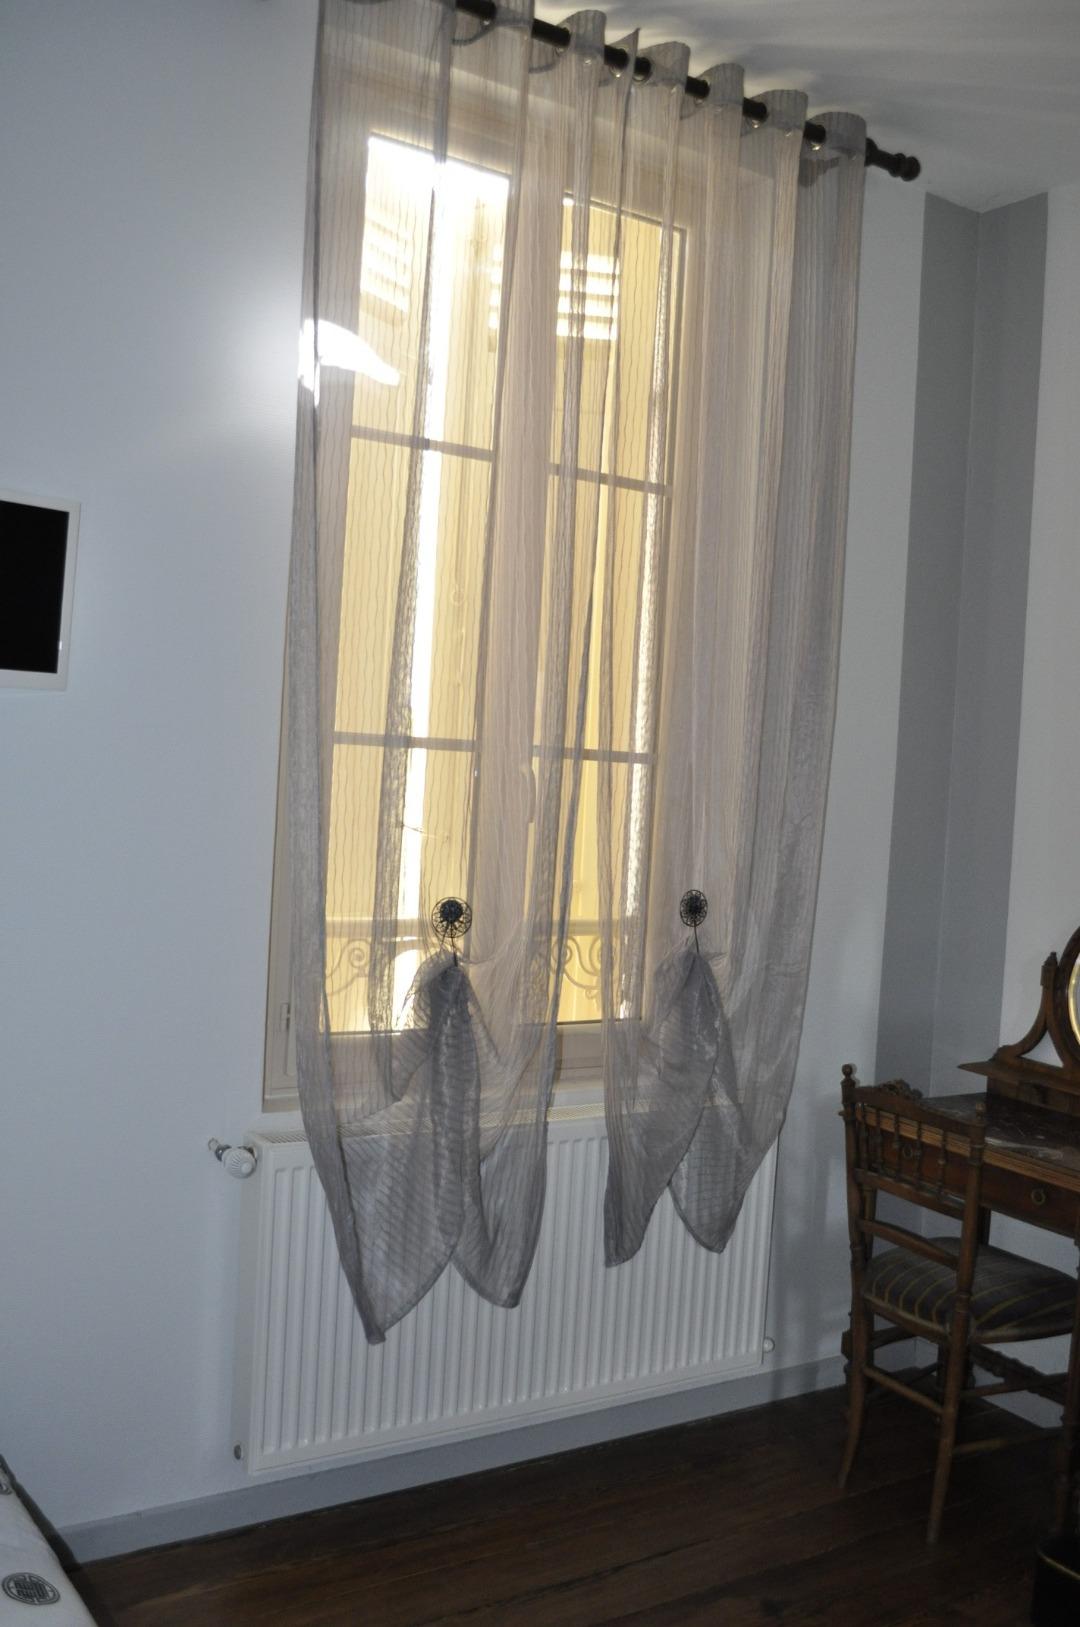 Chambre d'hôte ensoleillée à Ludon-Médoc